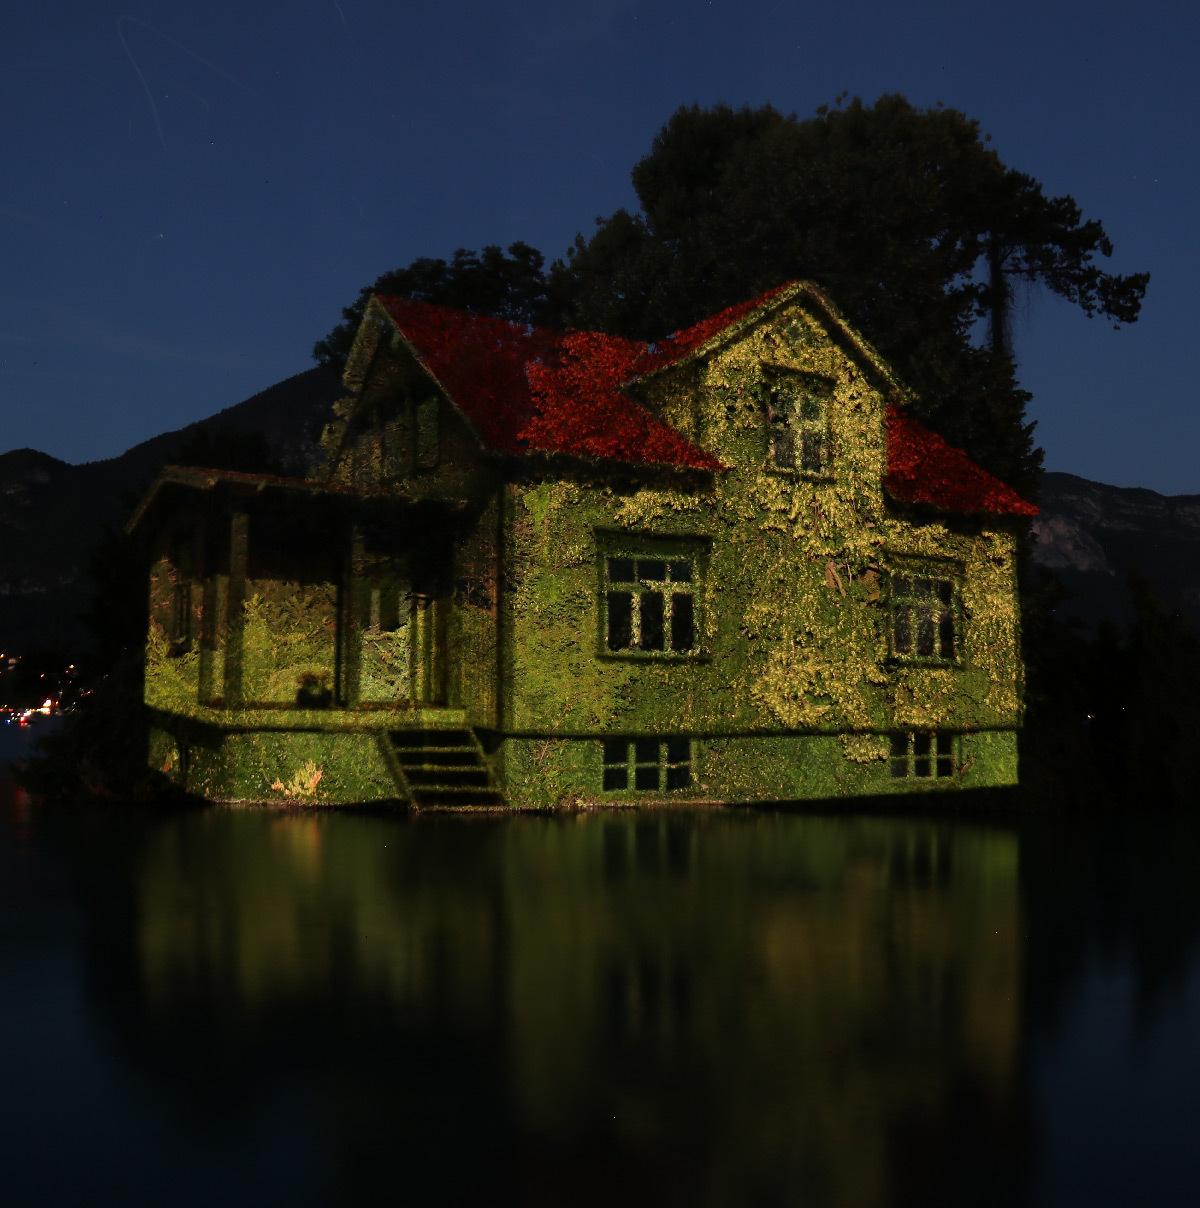 Lumières nocturnes de Annecy Paysages 2020